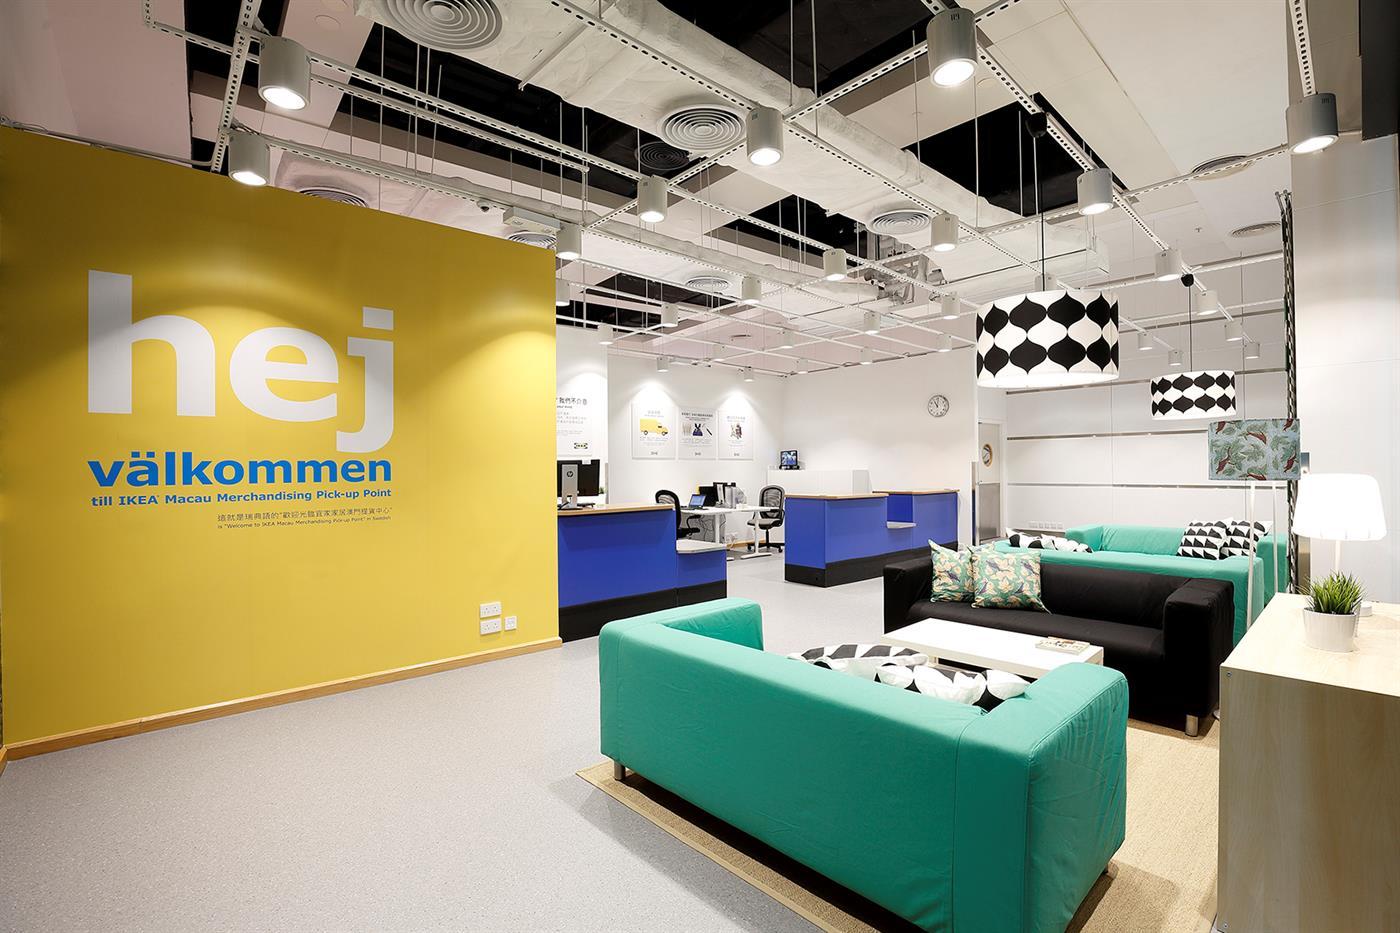 Empresa responsável pelo IKEA gere vários franchises